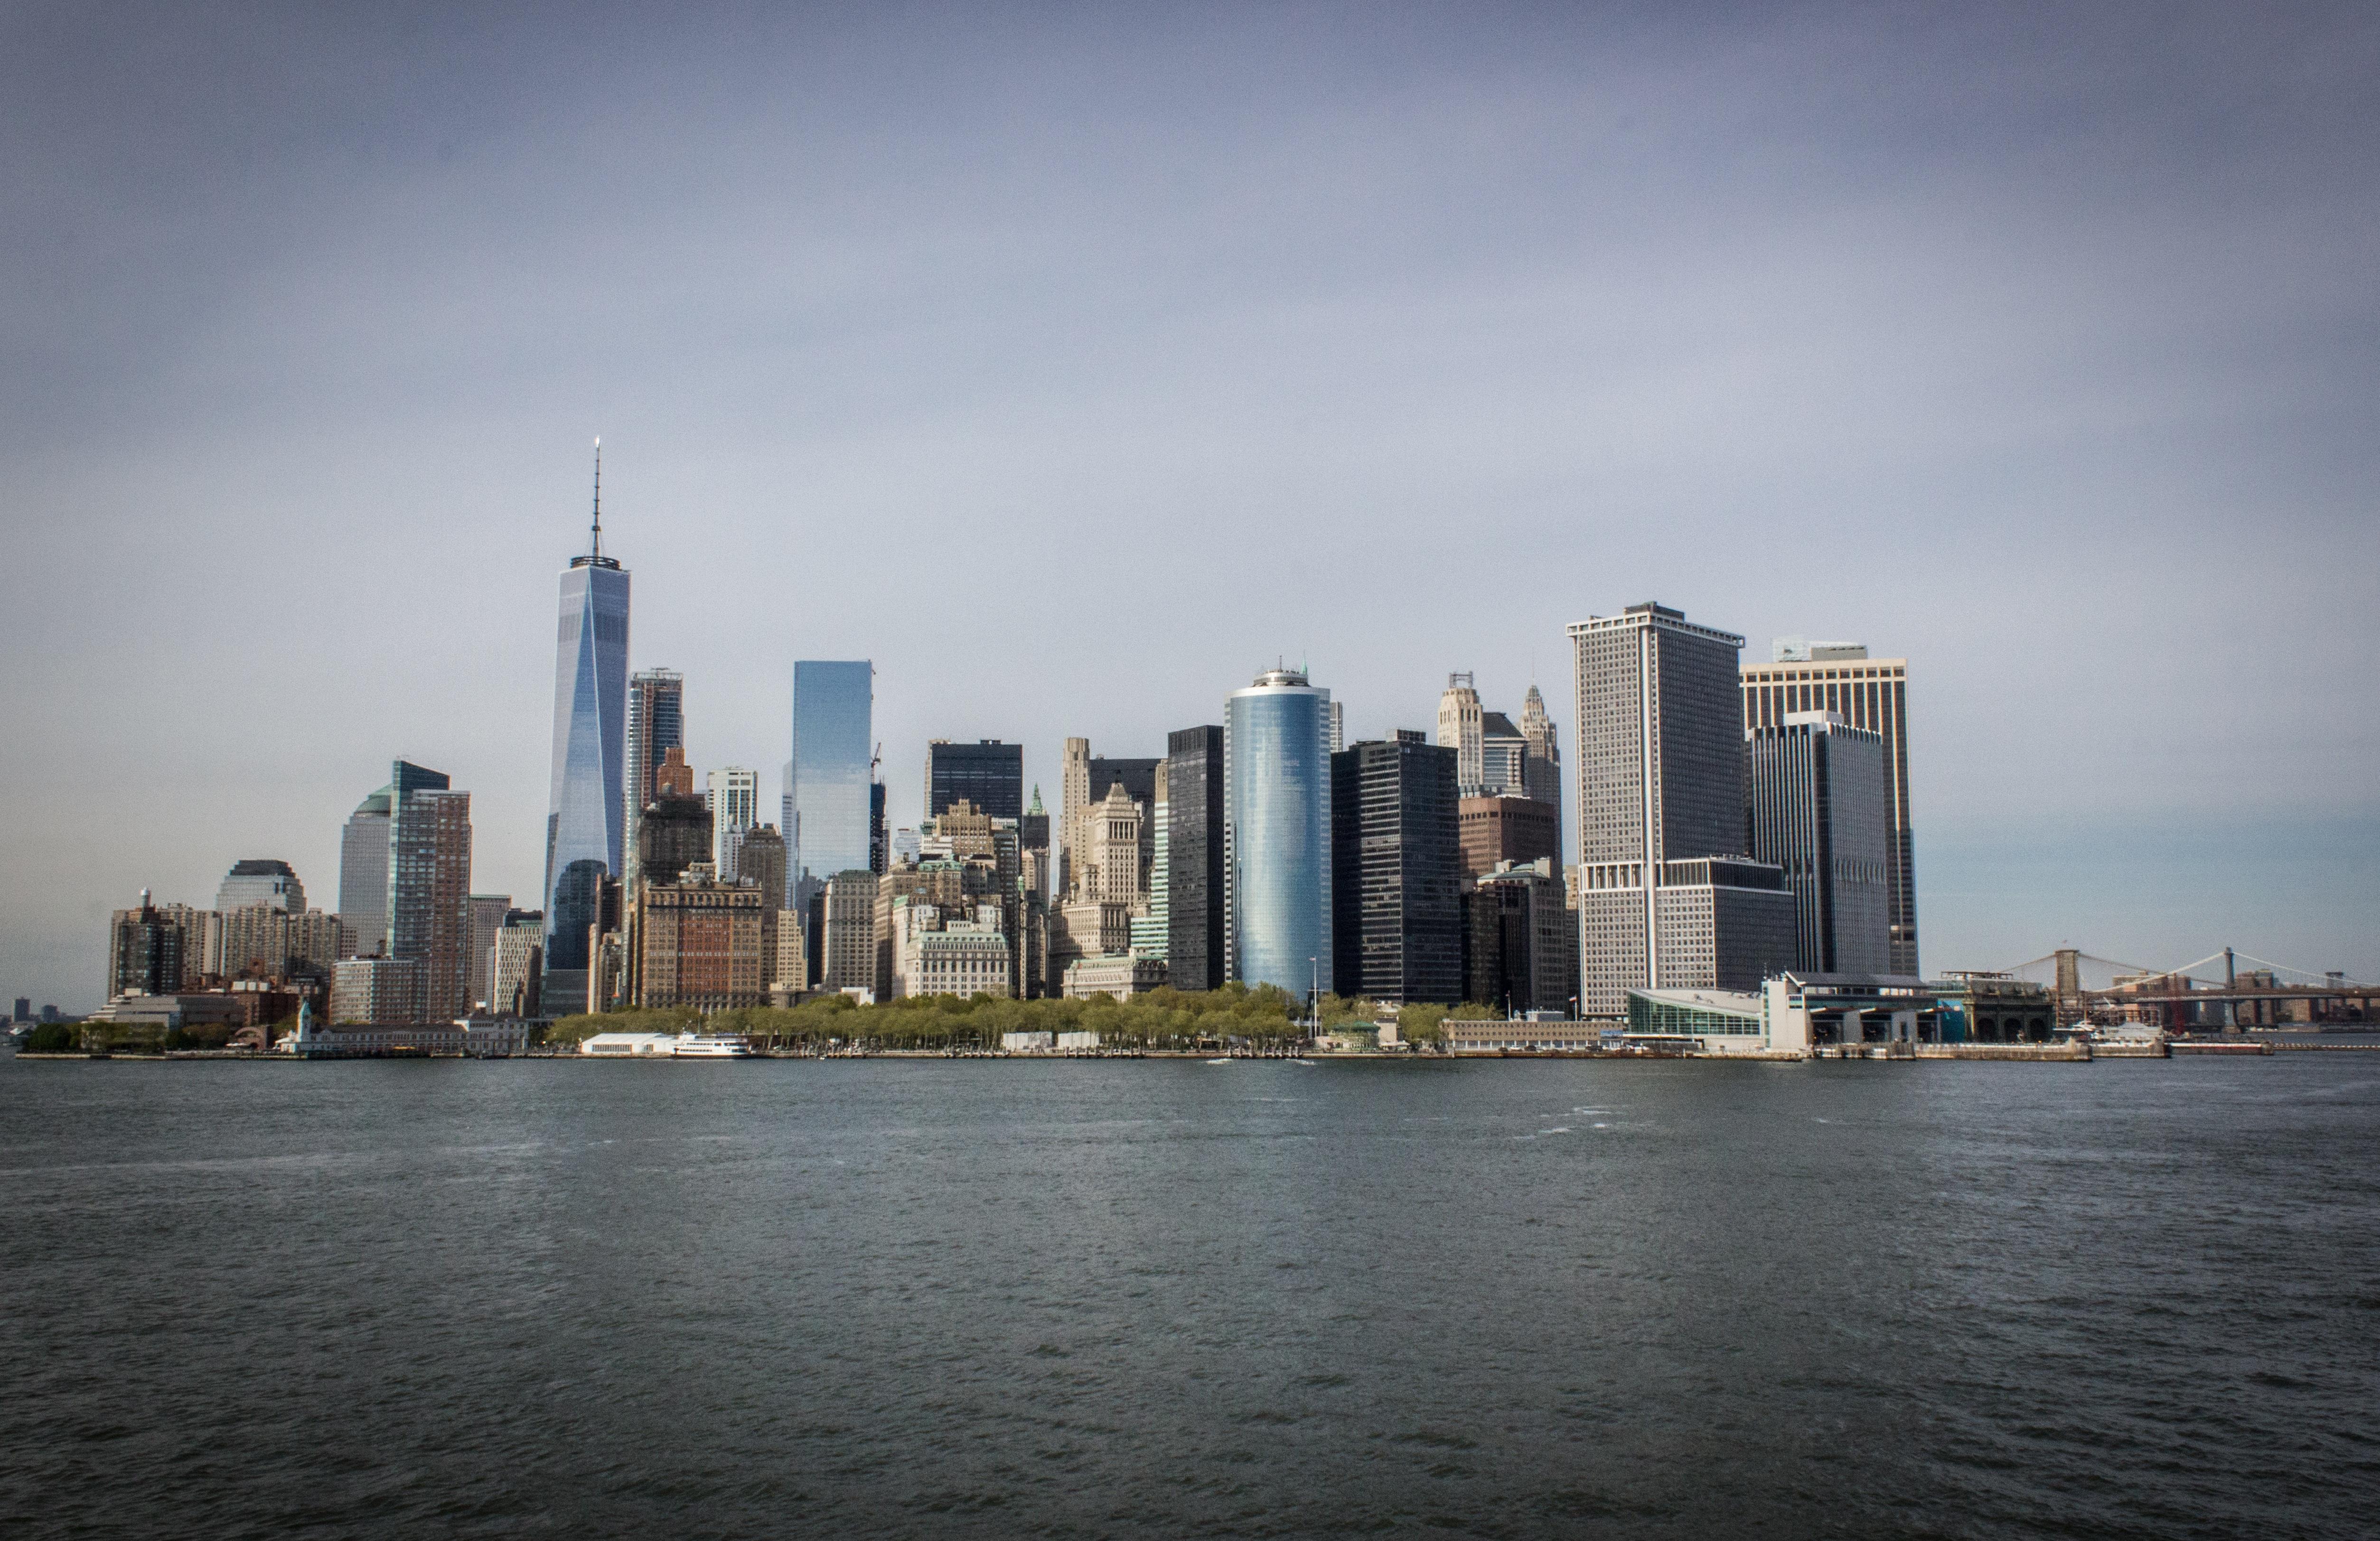 costa horizonte horizonte ciudad rascacielos nueva york manhattan paisaje urbano panorama centro de la ciudad oscuridad